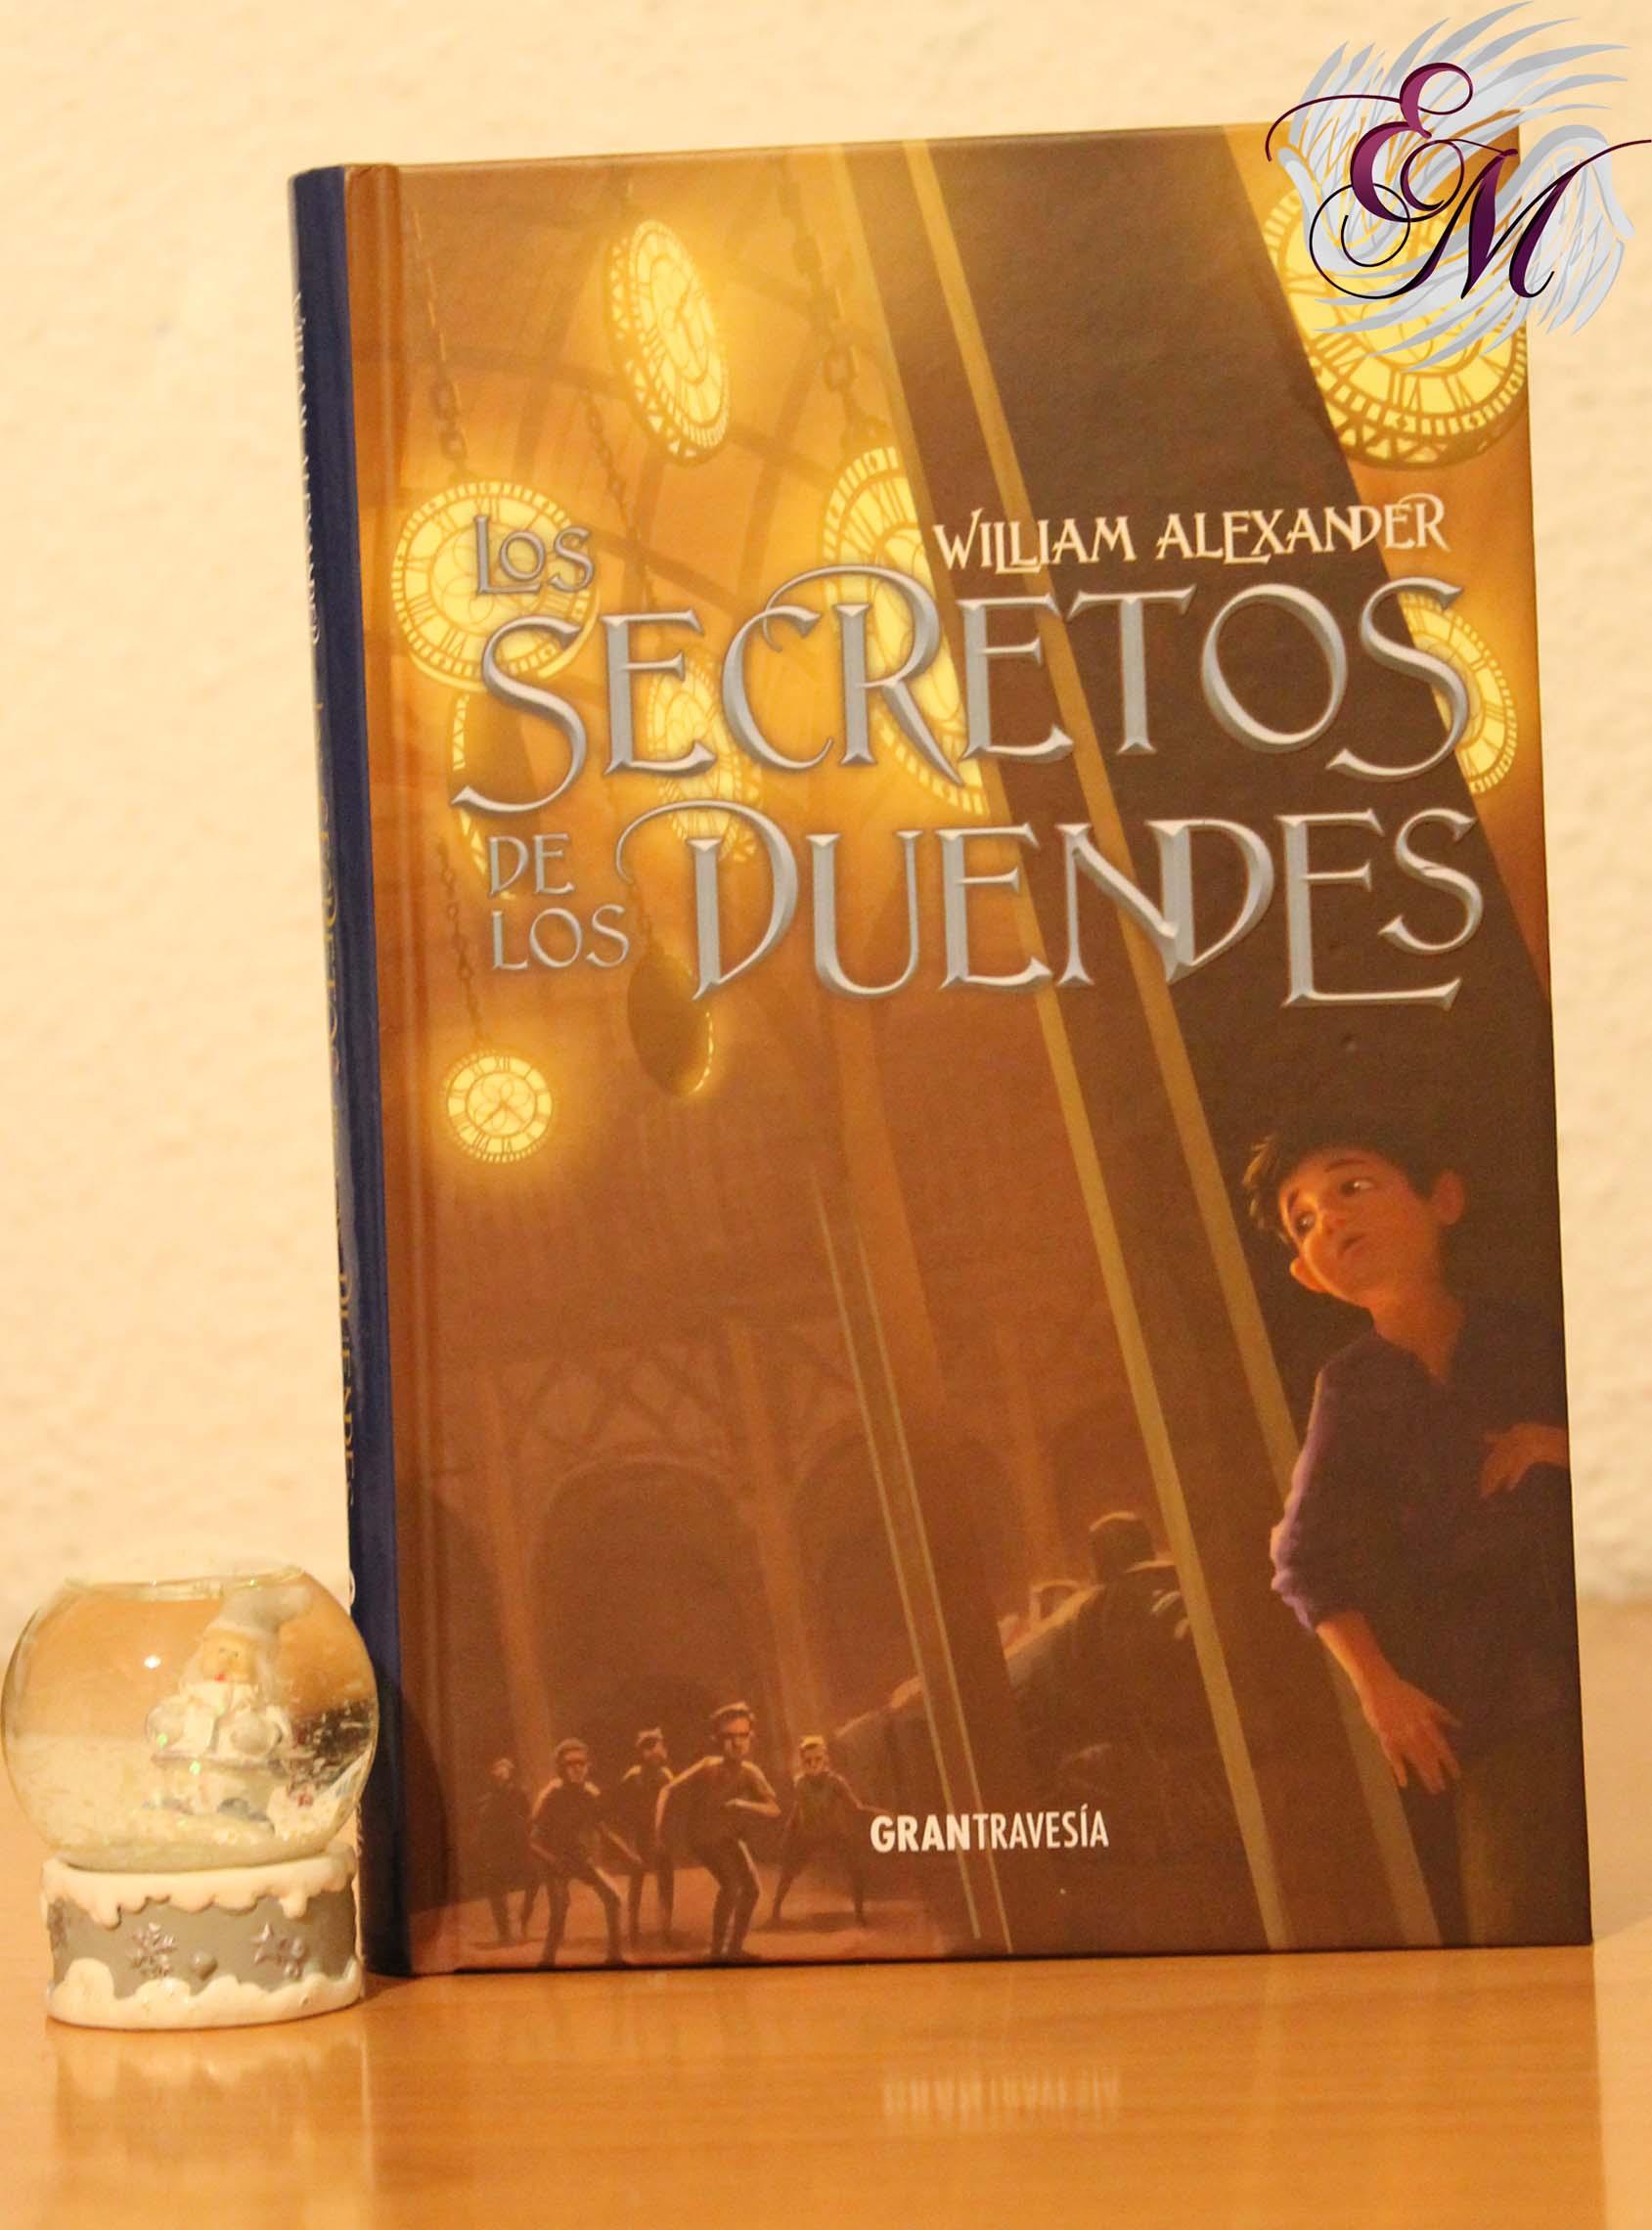 Los secretos de los duendes, de William Alexander – Reseña